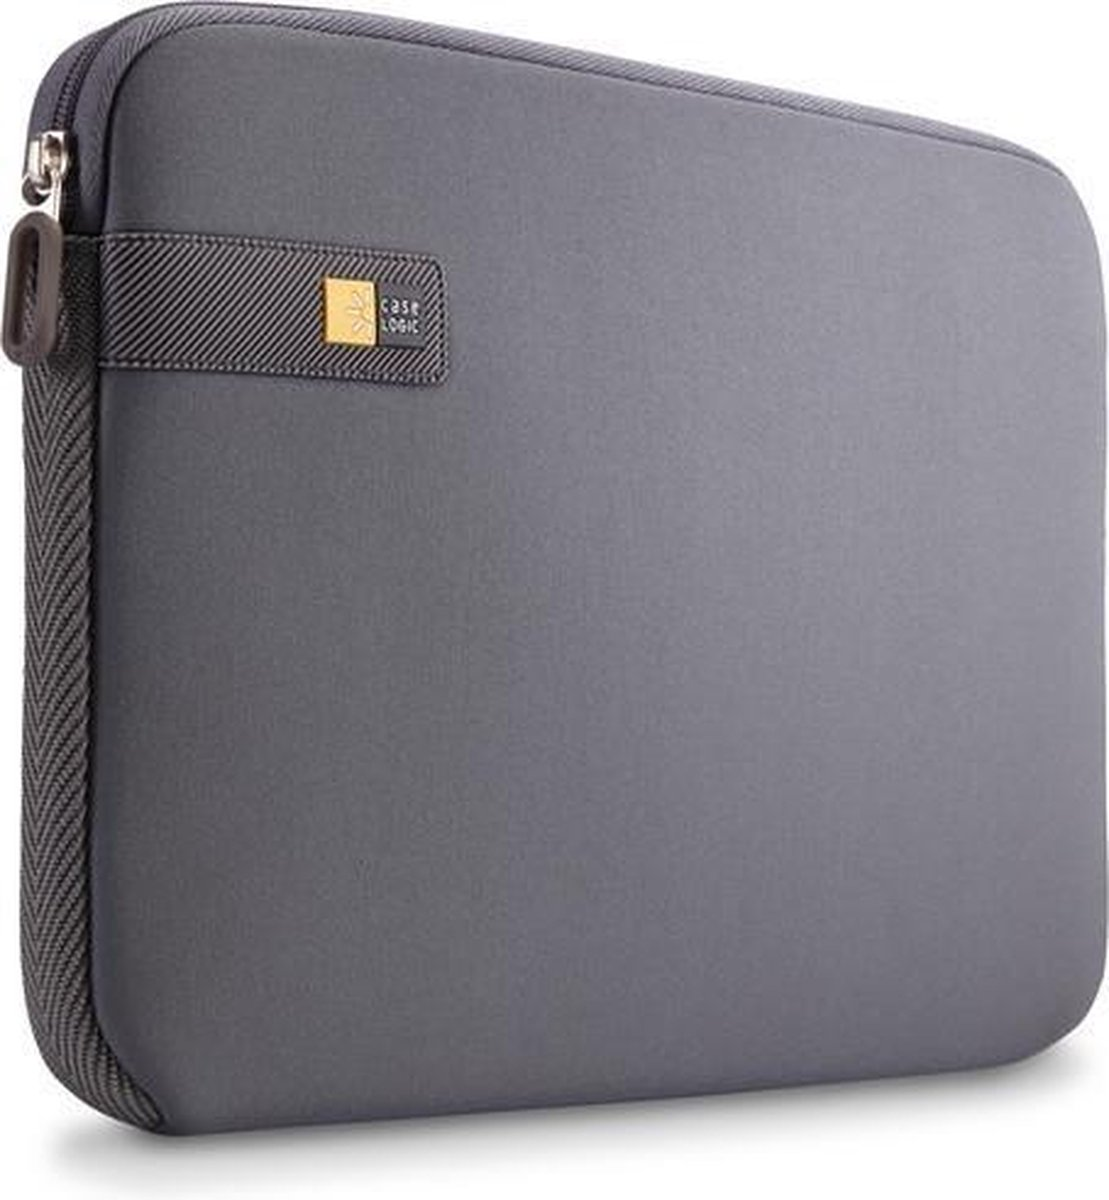 Case Logic LAPS114 - Laptophoes 14 inch - Grijs